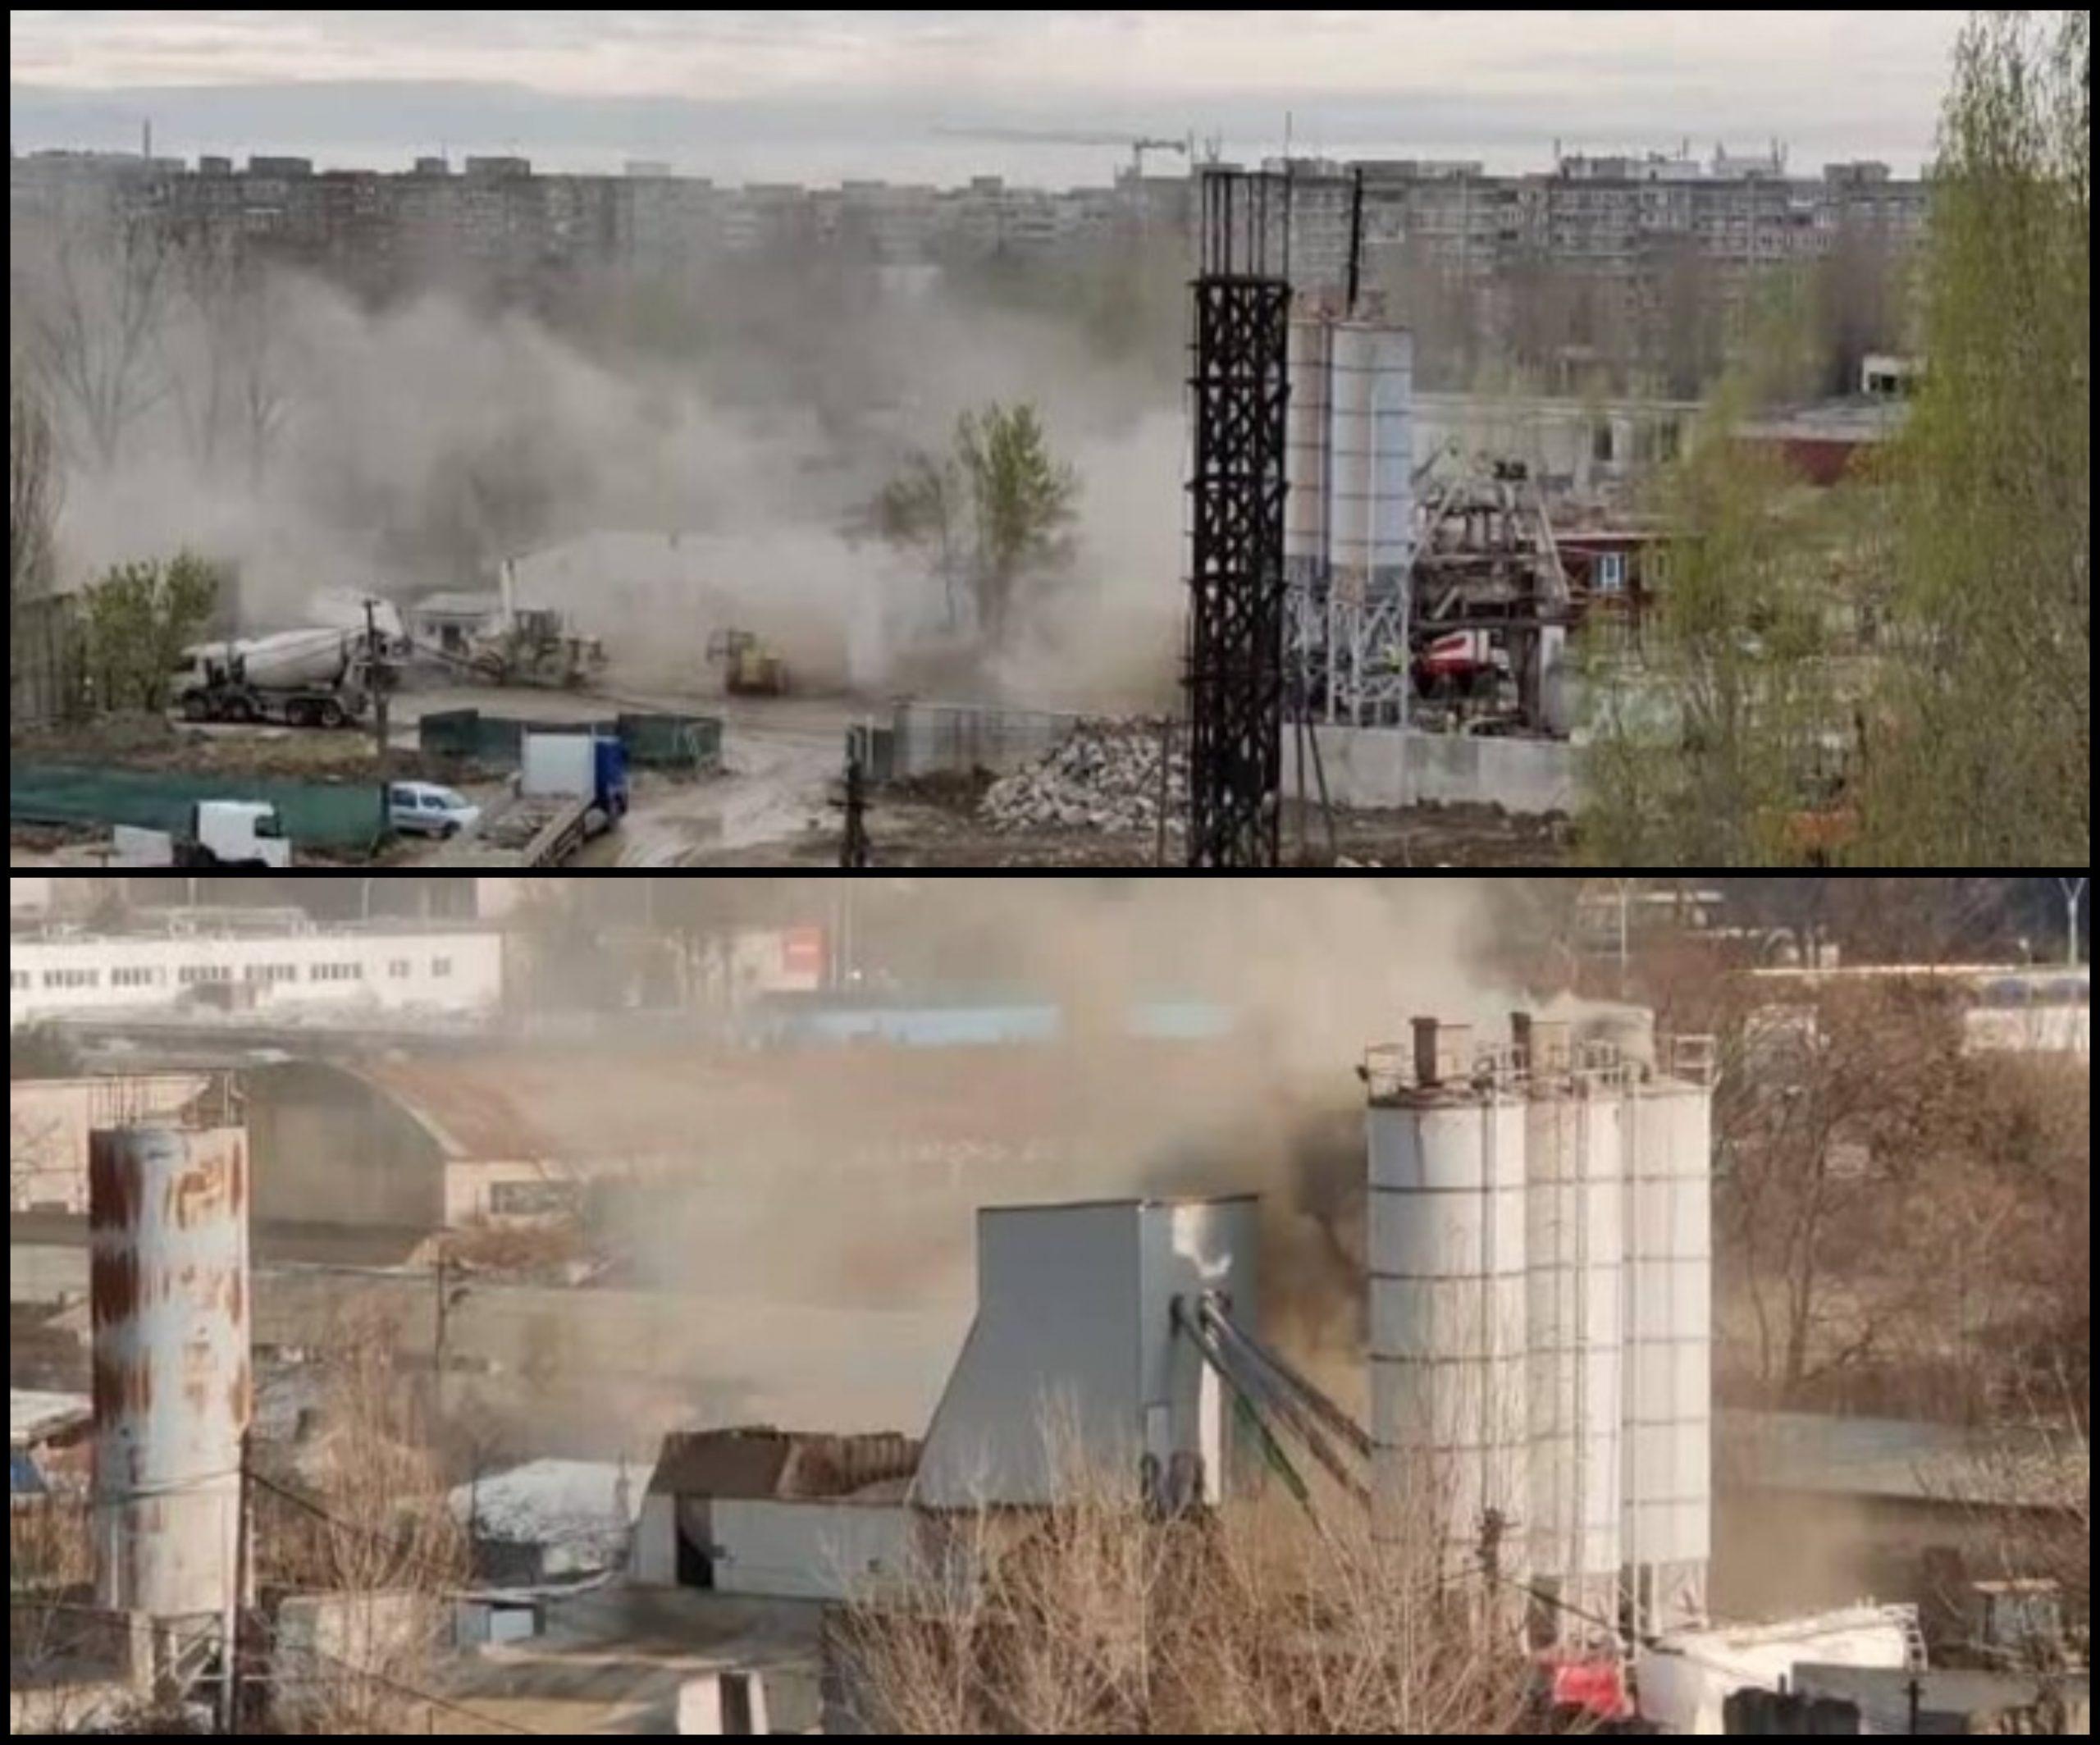 Un praf ucigaș se ridică zi de zi deasupra Bucureștiului și ne omoară încet, dar sigur. Vine de la şantierele şi staţiile de beton din Capitală, dar nimeni nu face nimic